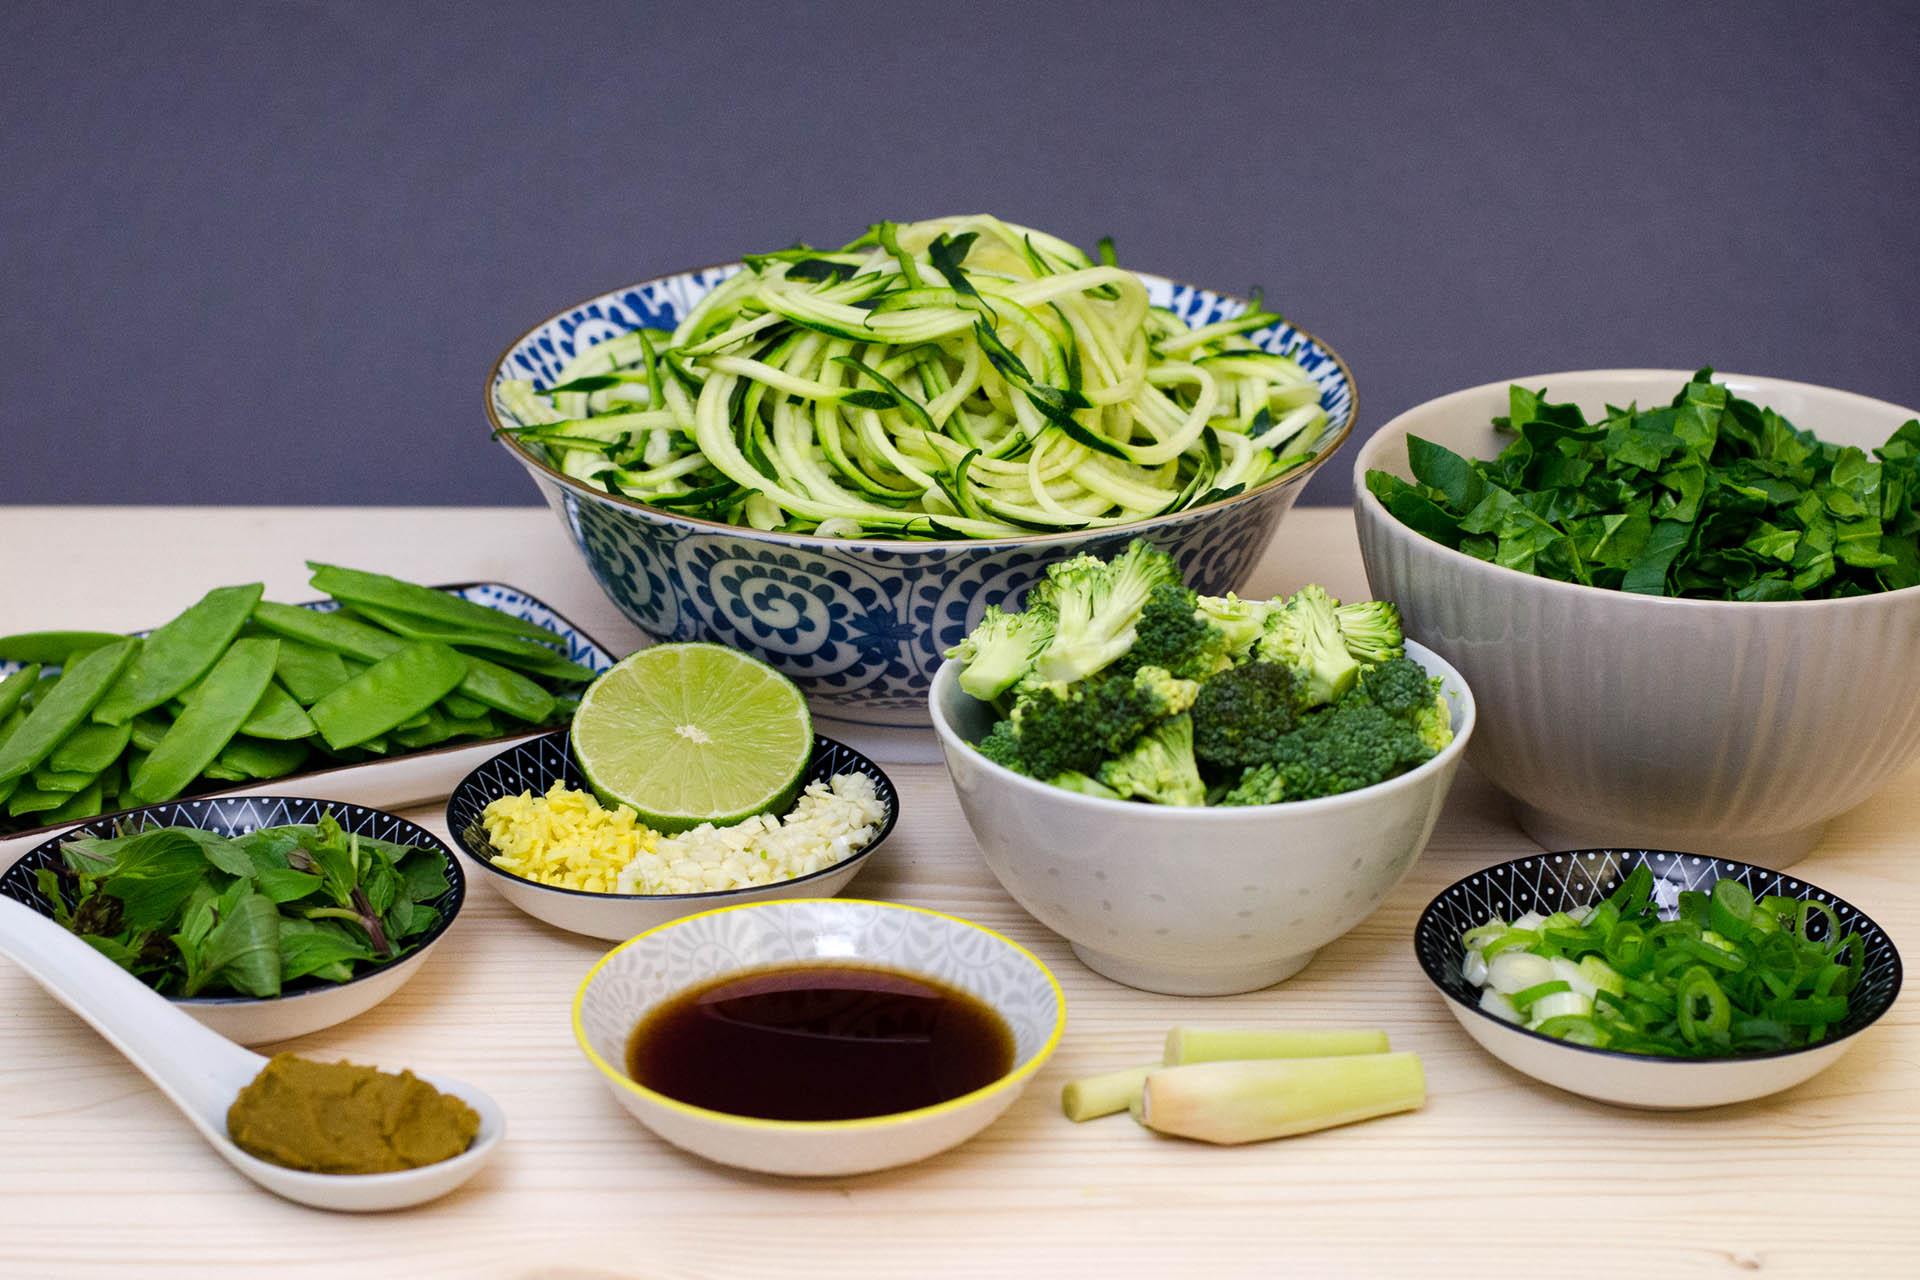 Zutaten für die Zoodle Bowl - Zucchini Nudeln mit grünem Gemüse im Thai Style klein geschnitten